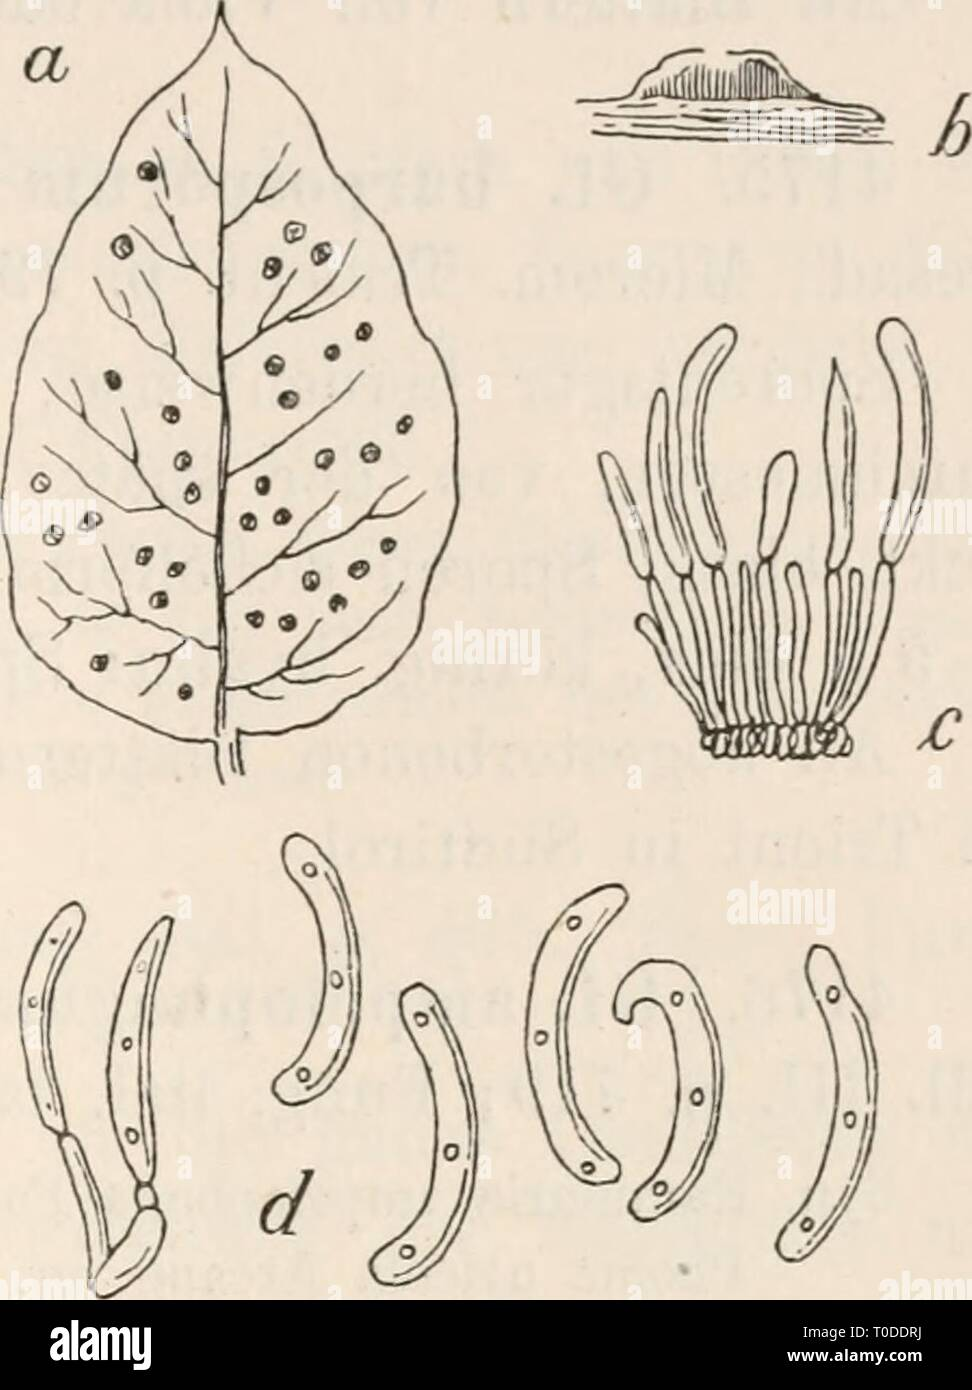 Dr L Rabenhorst's Kryptogamen-Flora von Dr. L. Rabenhorst's Kryptogamen-Flora von Deutschland, Oesterreich und der Schweiz drlrabenhorstskr0107rabe Year: 1903  Gloeosporium 507 Viburnum    Viburnum 4172. OL tineuin Sacc, Mich. I. p. 219; Fungi ital. tab. 1055; Syll. III. p. 707. Flecken nach Yertrocknung blass, verschieden geformt; Sporen- lager auf der Blattunterseite, fast ocherfarben, von der Epidermis G1 o e o s p o r i u m t i n e u m Sacc. a. Ein Blatt von Viburnum Tinus mit dem Pilze in natürlicher Grösse. b. Ein schwach vergrössertes, senk- recht durchschnittenes Sporenlager. c. Ein se - Stock Image